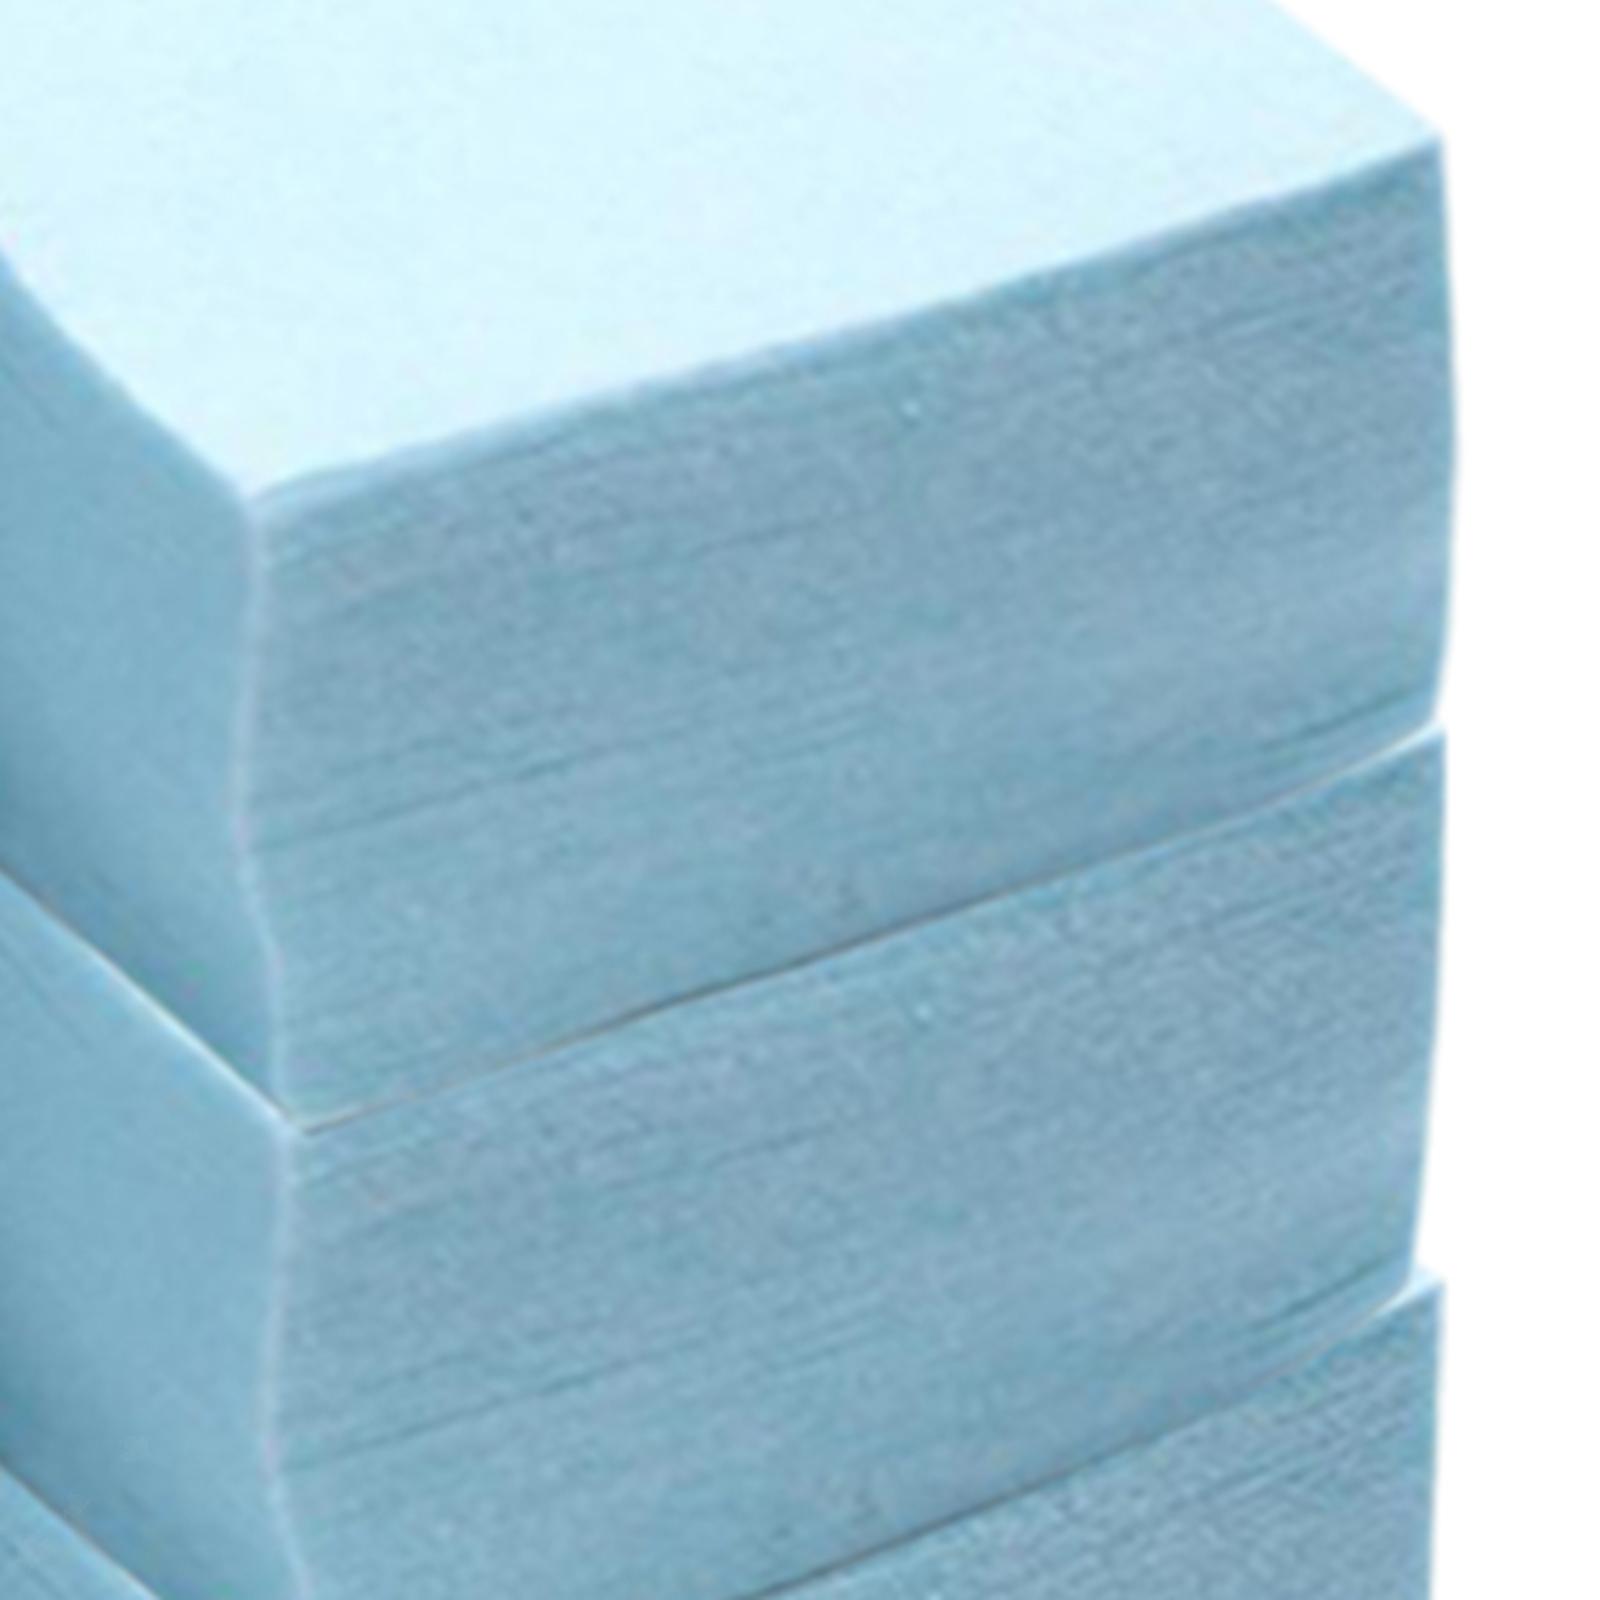 Cuscini-di-carta-privi-di-pelucchi-senza-pelucchi-per-smalto-acrilico-600x miniatura 6